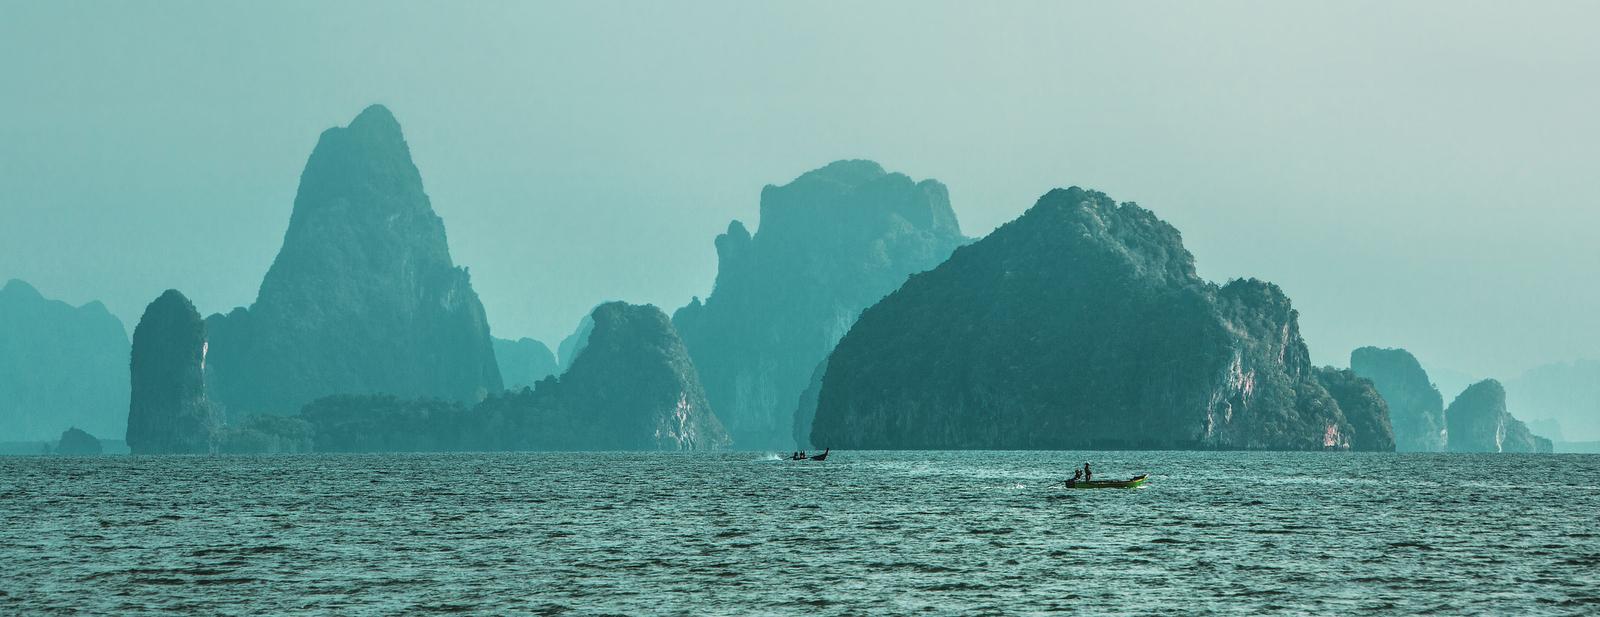 Phang_Nga_Bay